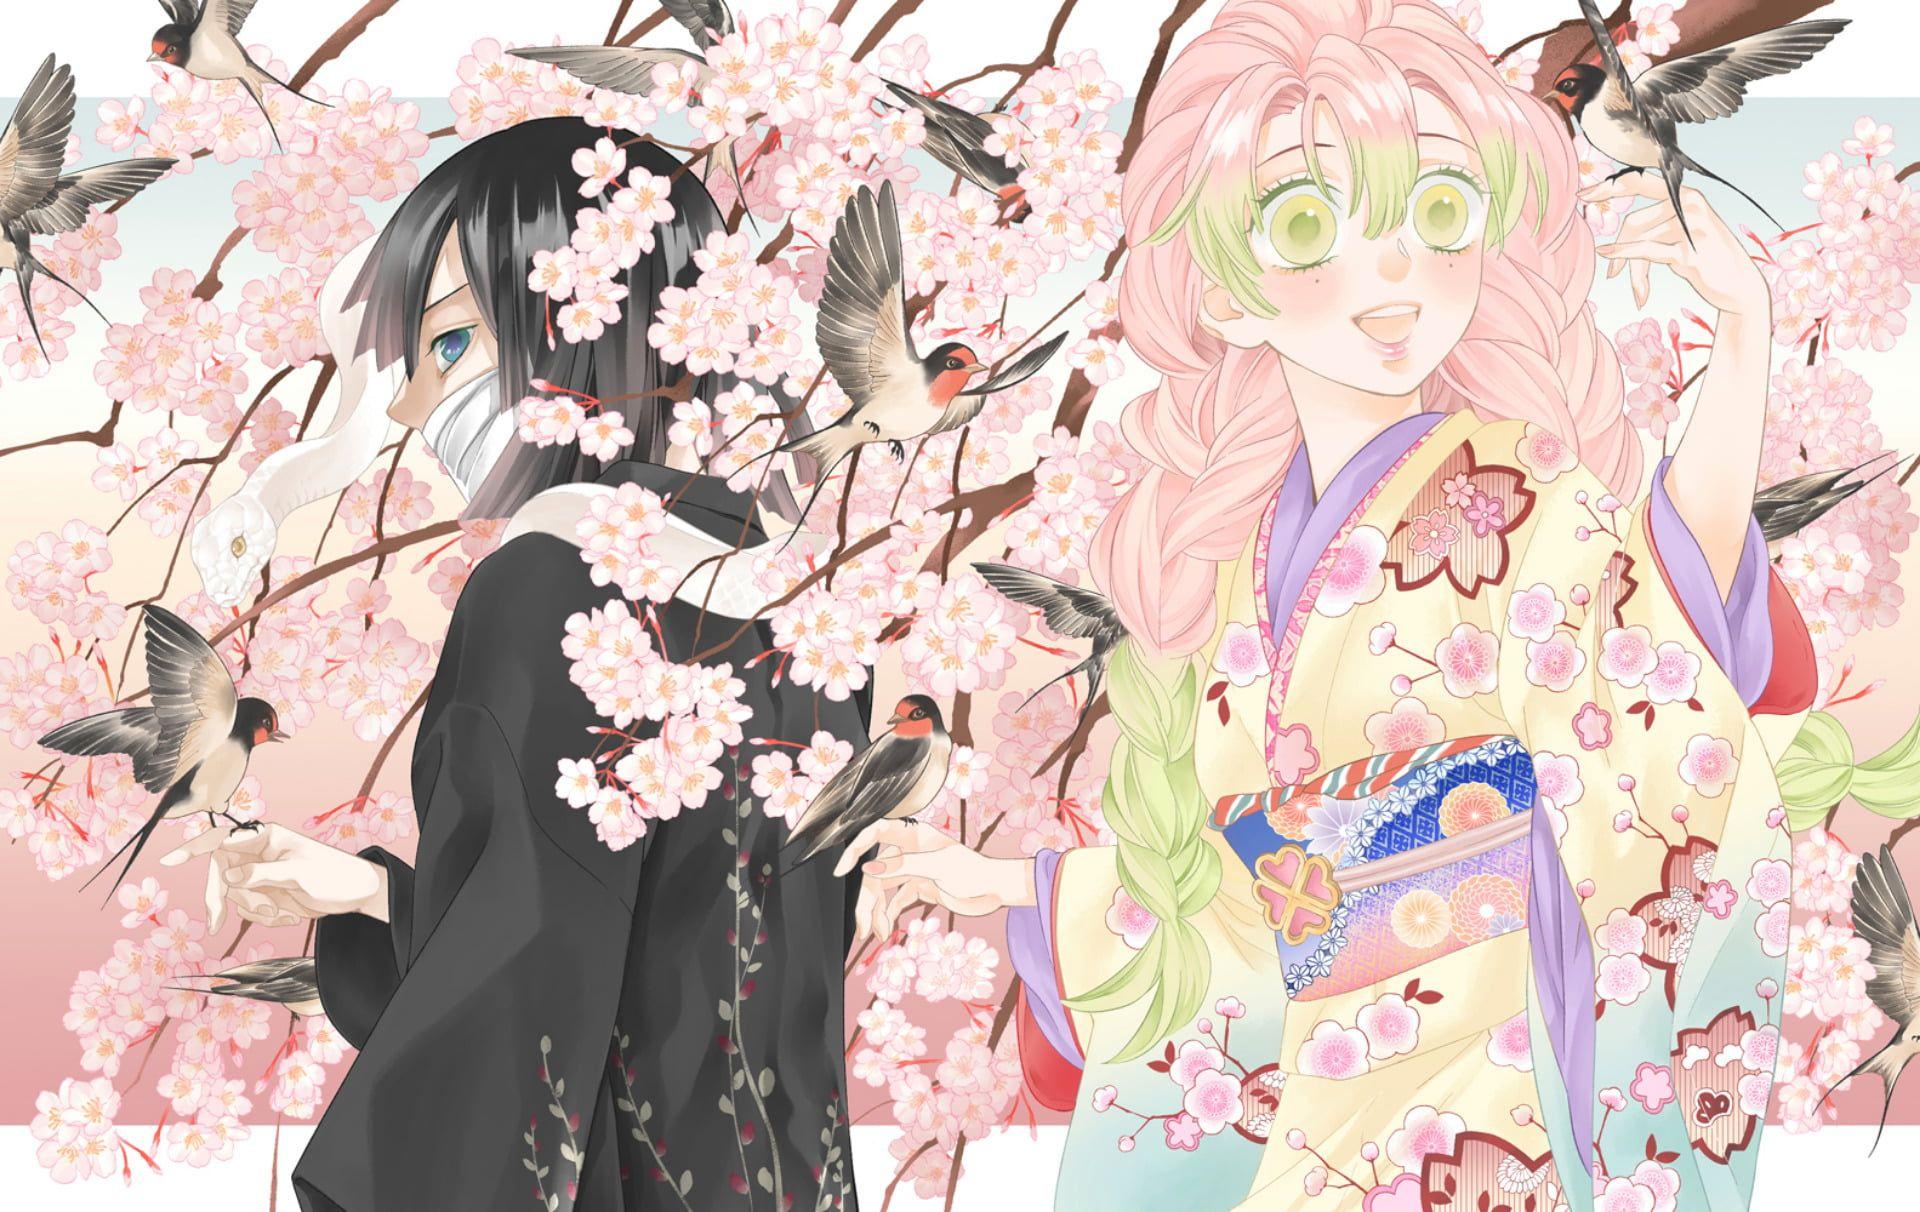 Anime Demon Slayer Kimetsu No Yaiba Mitsuri Kanroji Obanai Iguro 1080p Wallpaper Hdwallpaper Desktop Anime Demon Anime Aesthetic Anime Fanart(demon slayer) mitsuri fanart (self.anime). anime demon slayer kimetsu no yaiba